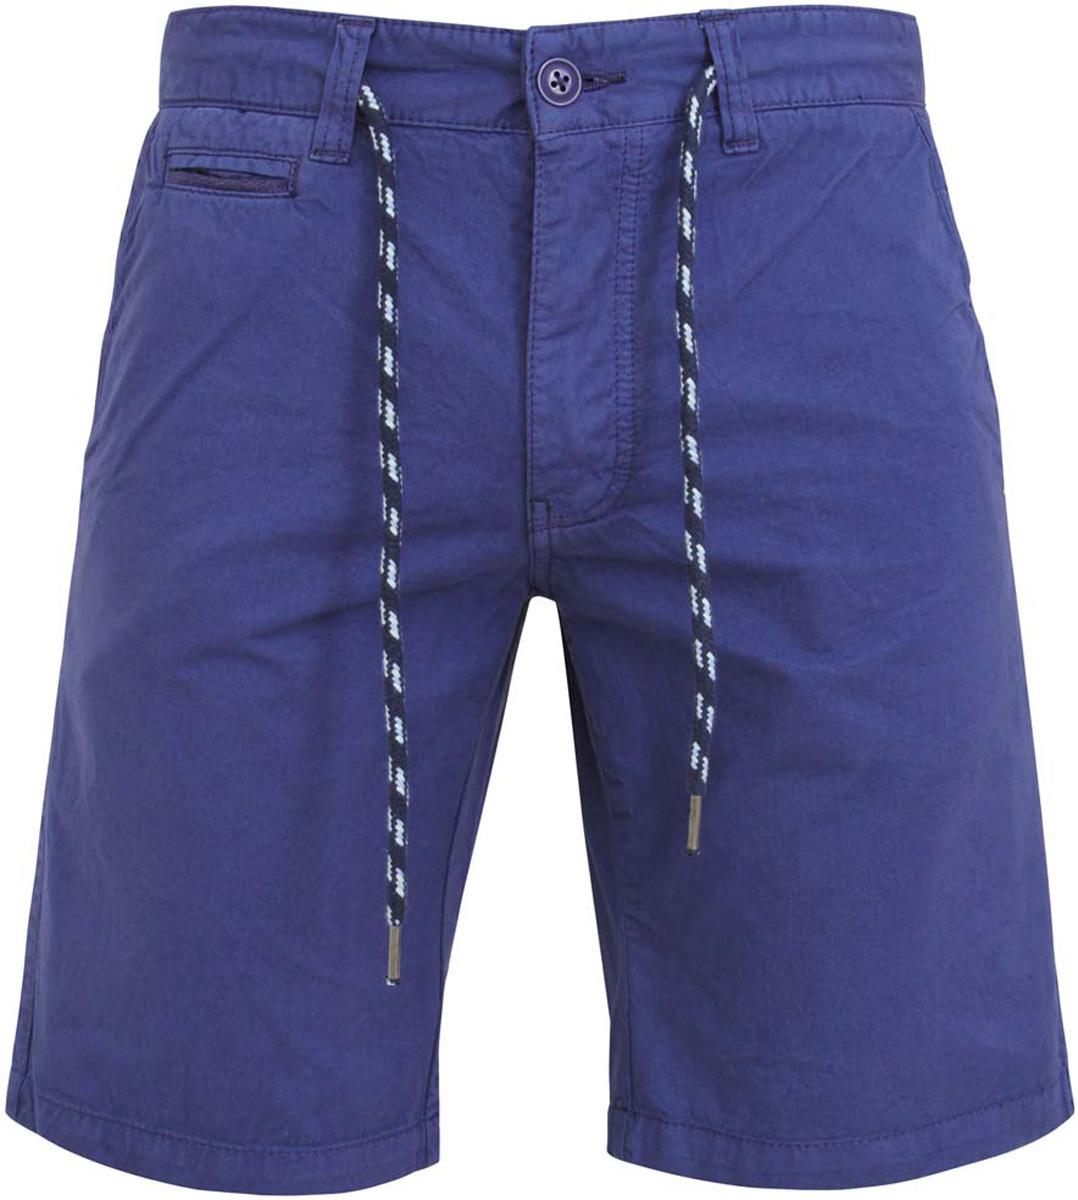 Шорты2B710004M/39765N/2900WСтильные мужские шорты oodji Basic изготовлены из хлопка. Модель застегивается на пуговицу и ширинку на застежке-молнии, имеются затягивающийся шнурок и шлевки для ремня. Спереди шорты дополнены двумя втачными карманами и одним маленьким прорезным кармашком, сзади - двумя прорезными карманами с пуговицами.